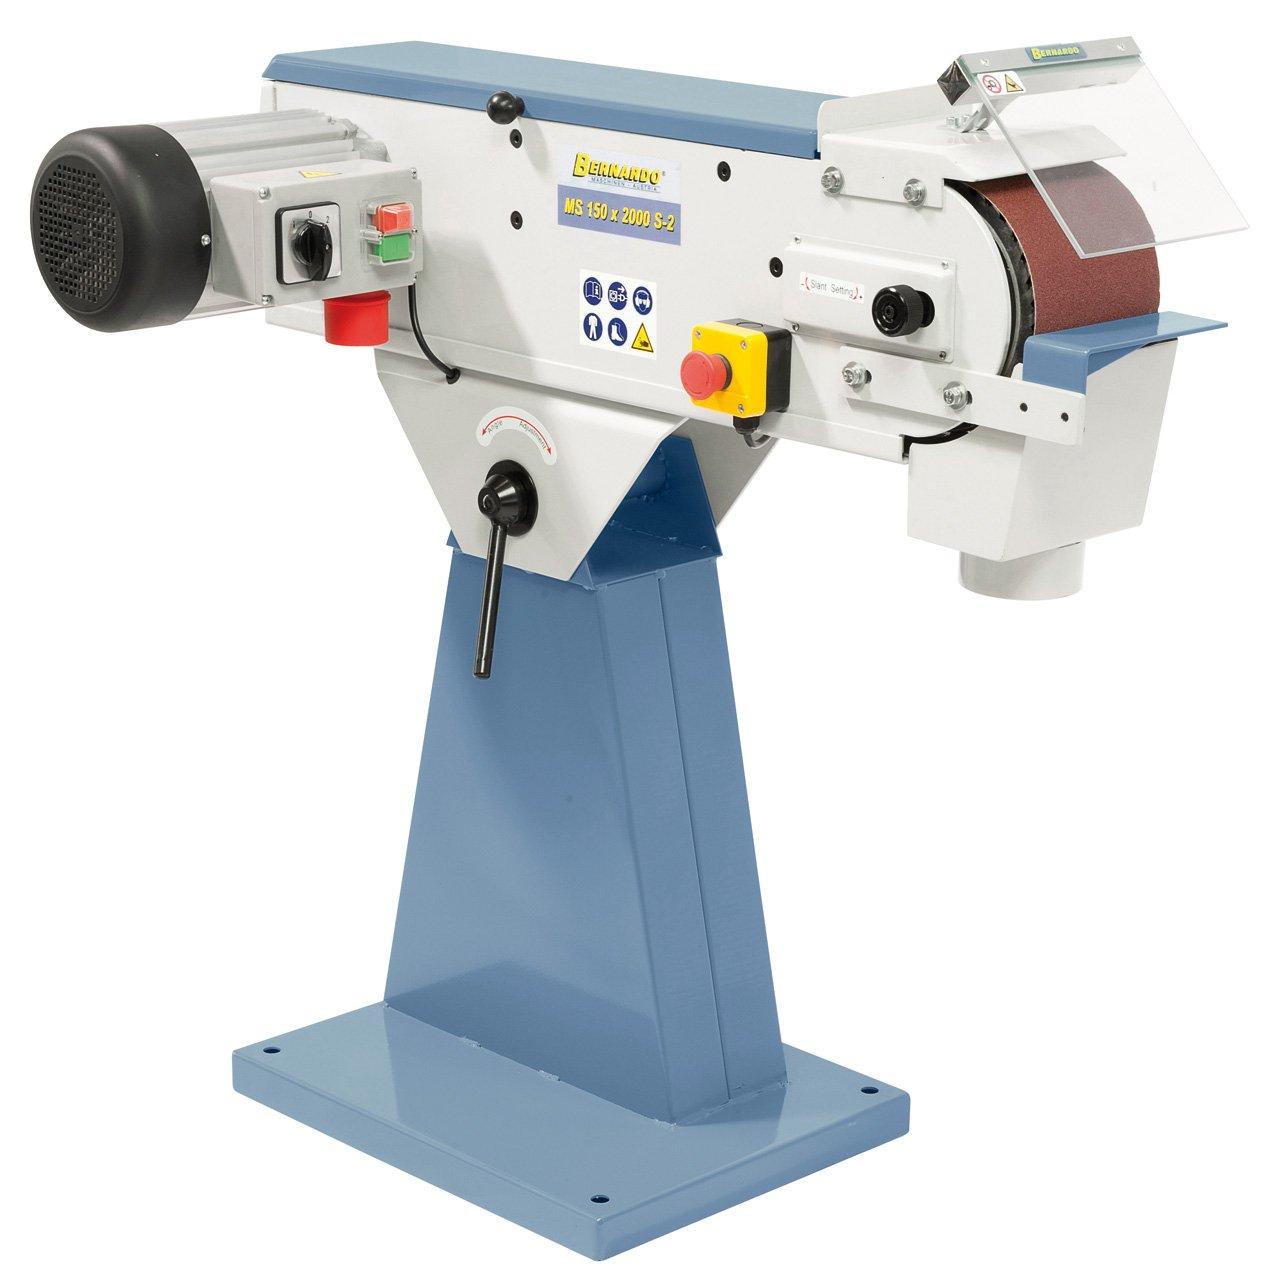 Image of   MS 150 x 2000 S-2 båndsliber med 2 hastigheder